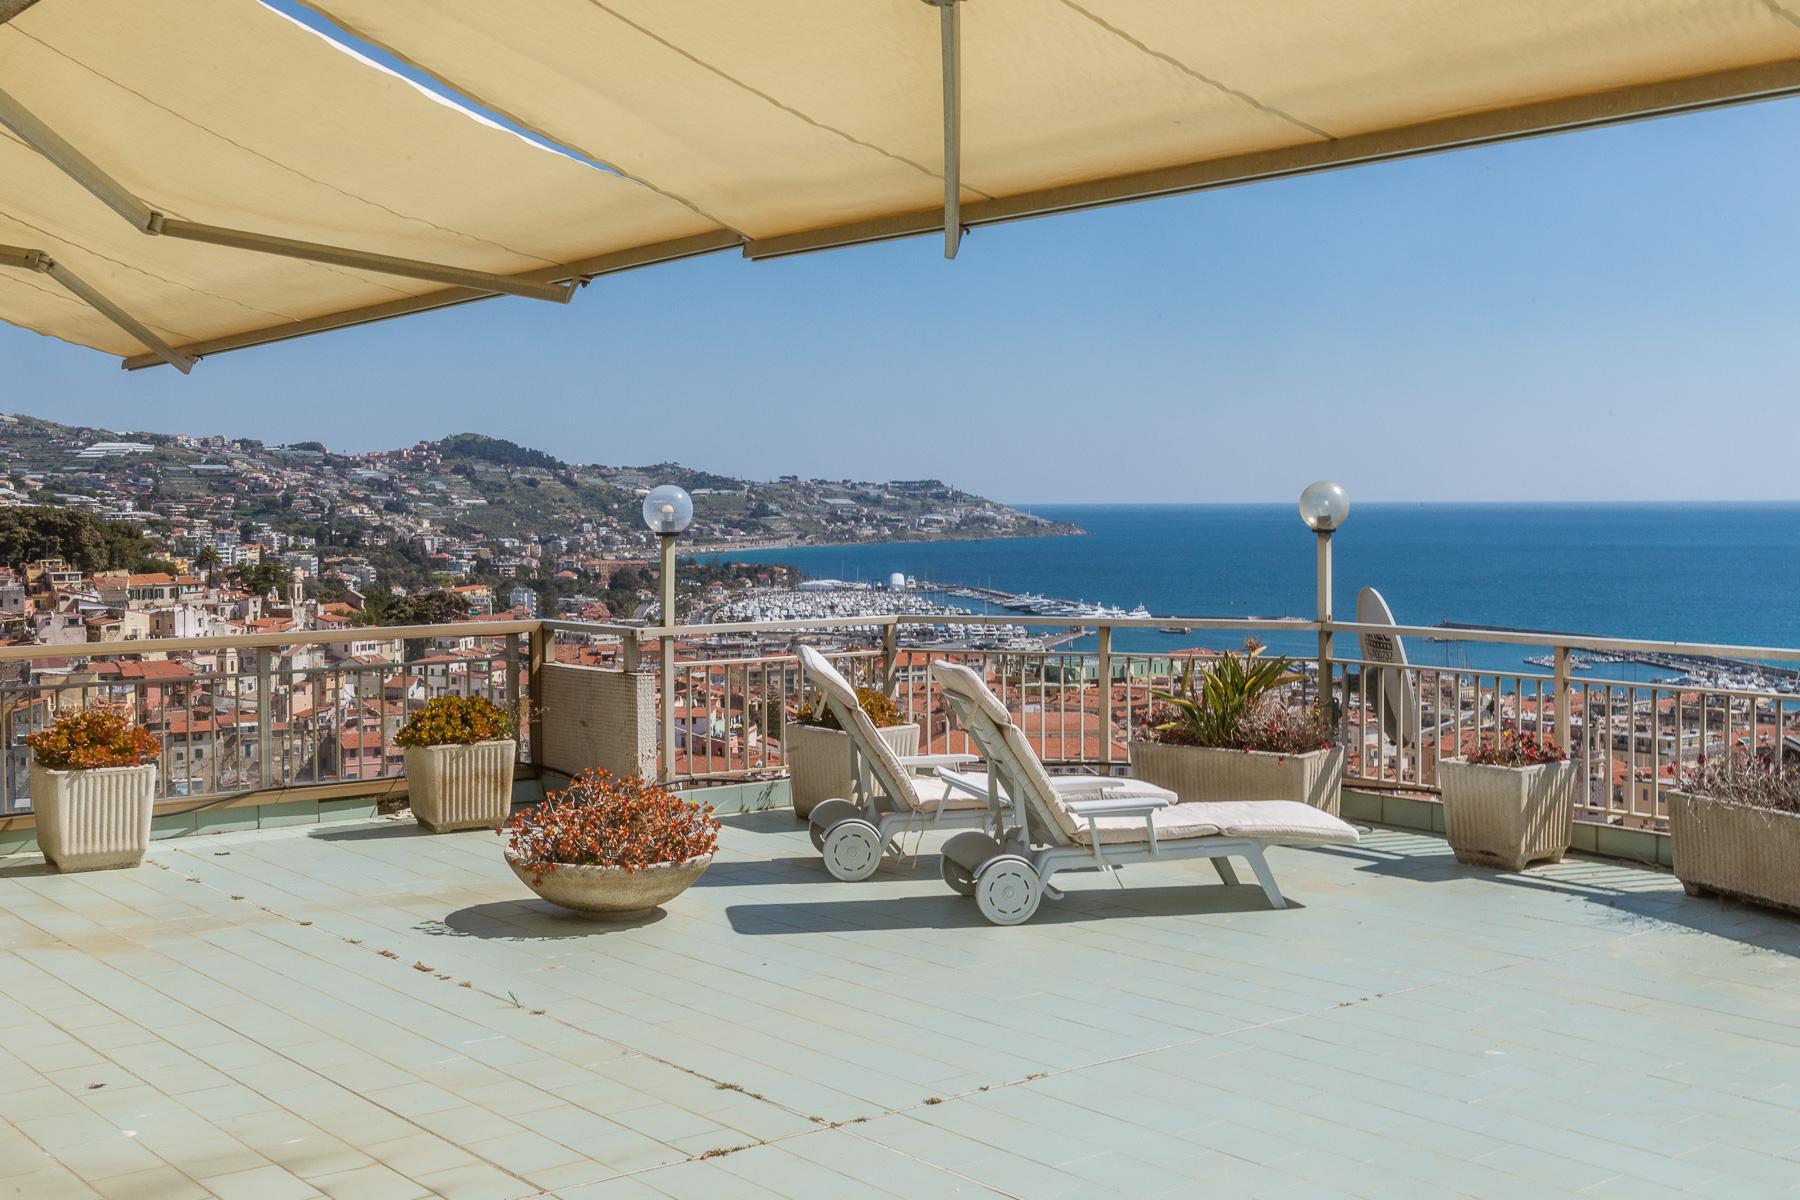 Appartement panoramique avec terrasse d'environ 80 mq - 2